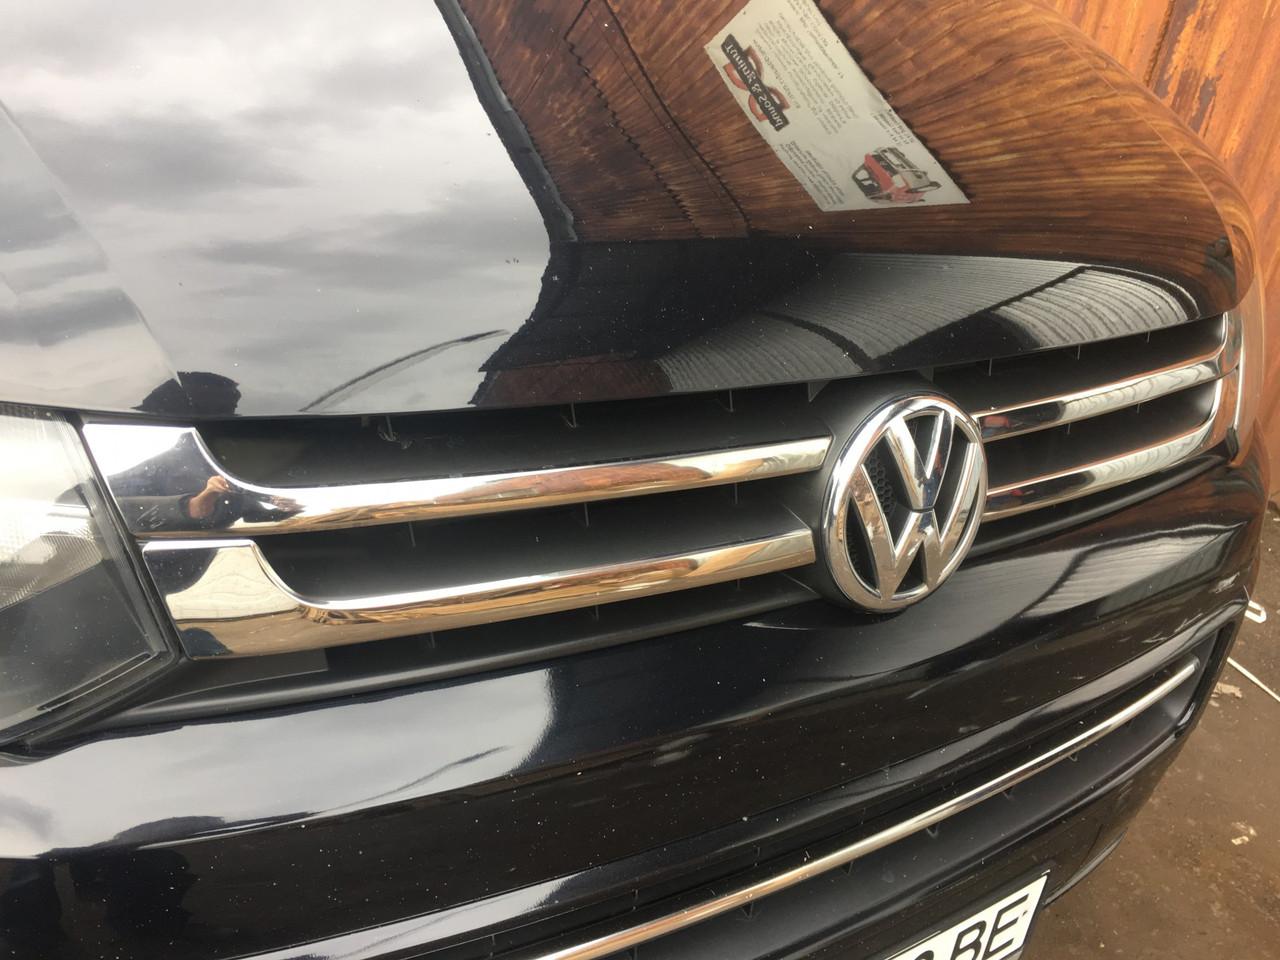 Накладки на решітку роздільні (Carmos, 4 шт, нерж.) - Volkswagen T5 рестайлінг 2010-2015 рр.